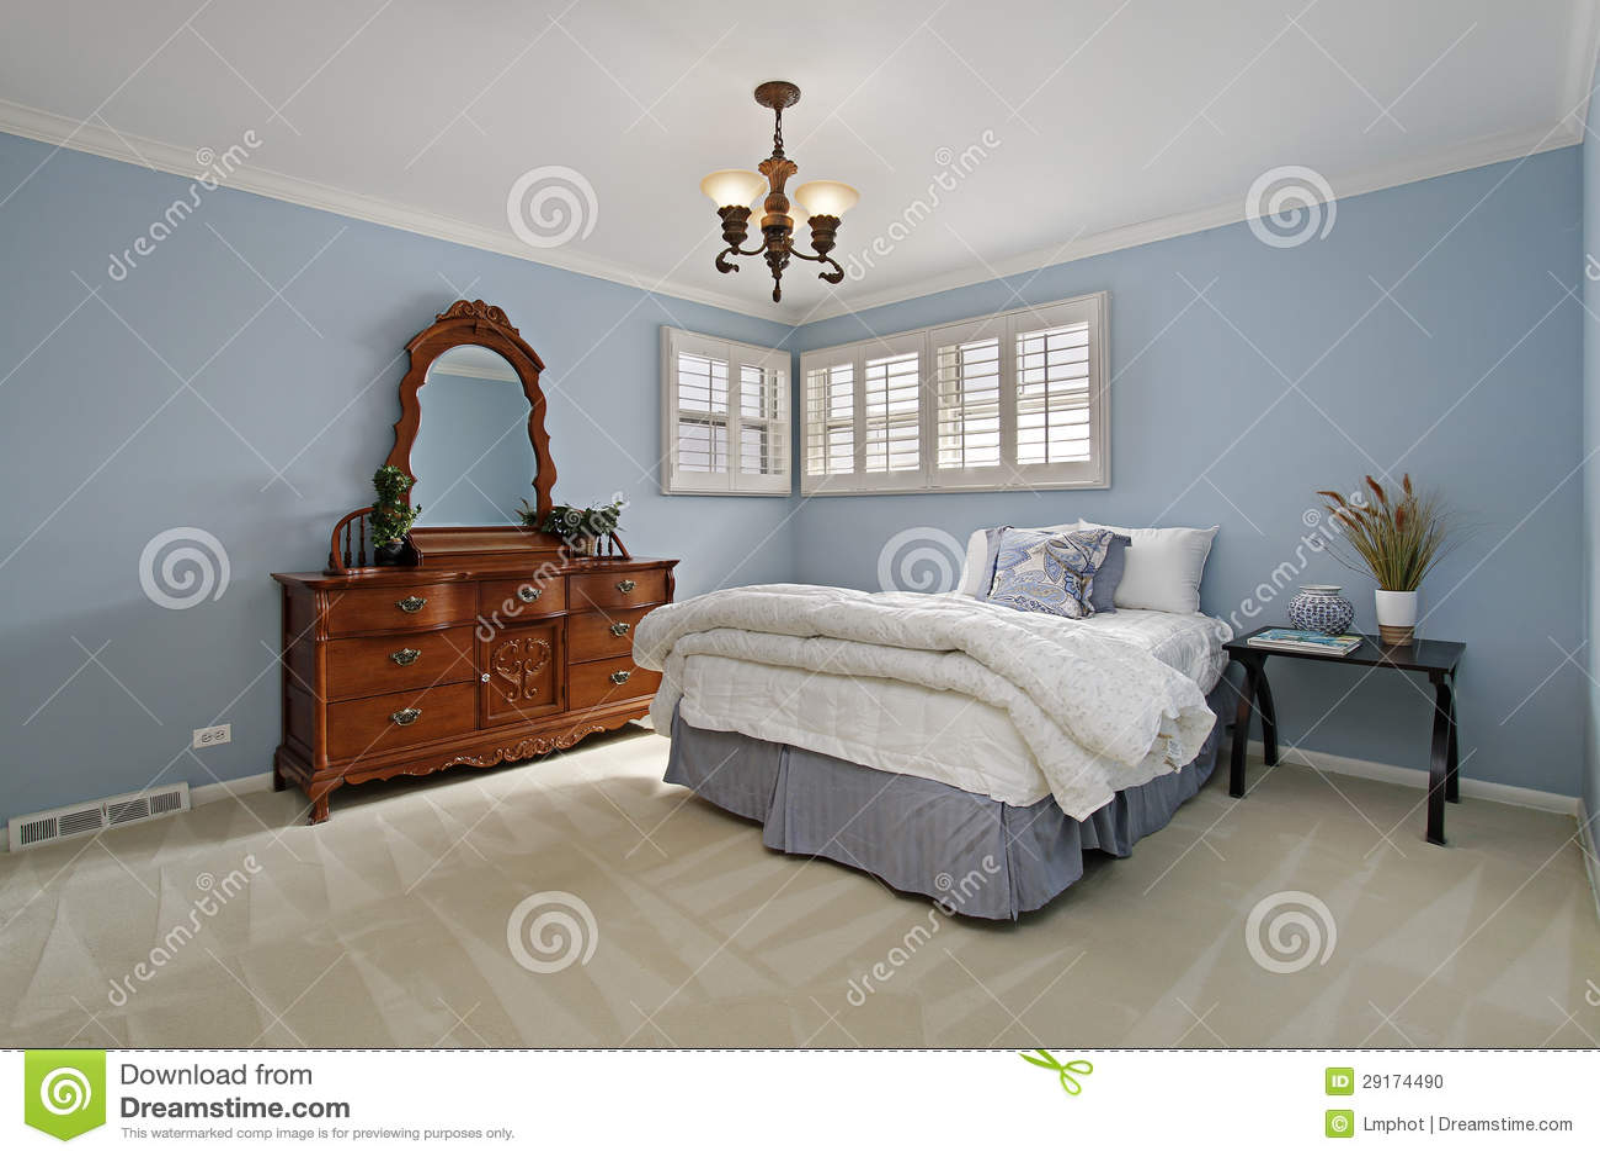 Camera da letto matrice con le pareti blu fotografia stock immagine 29174490 - Pareti blu camera da letto ...